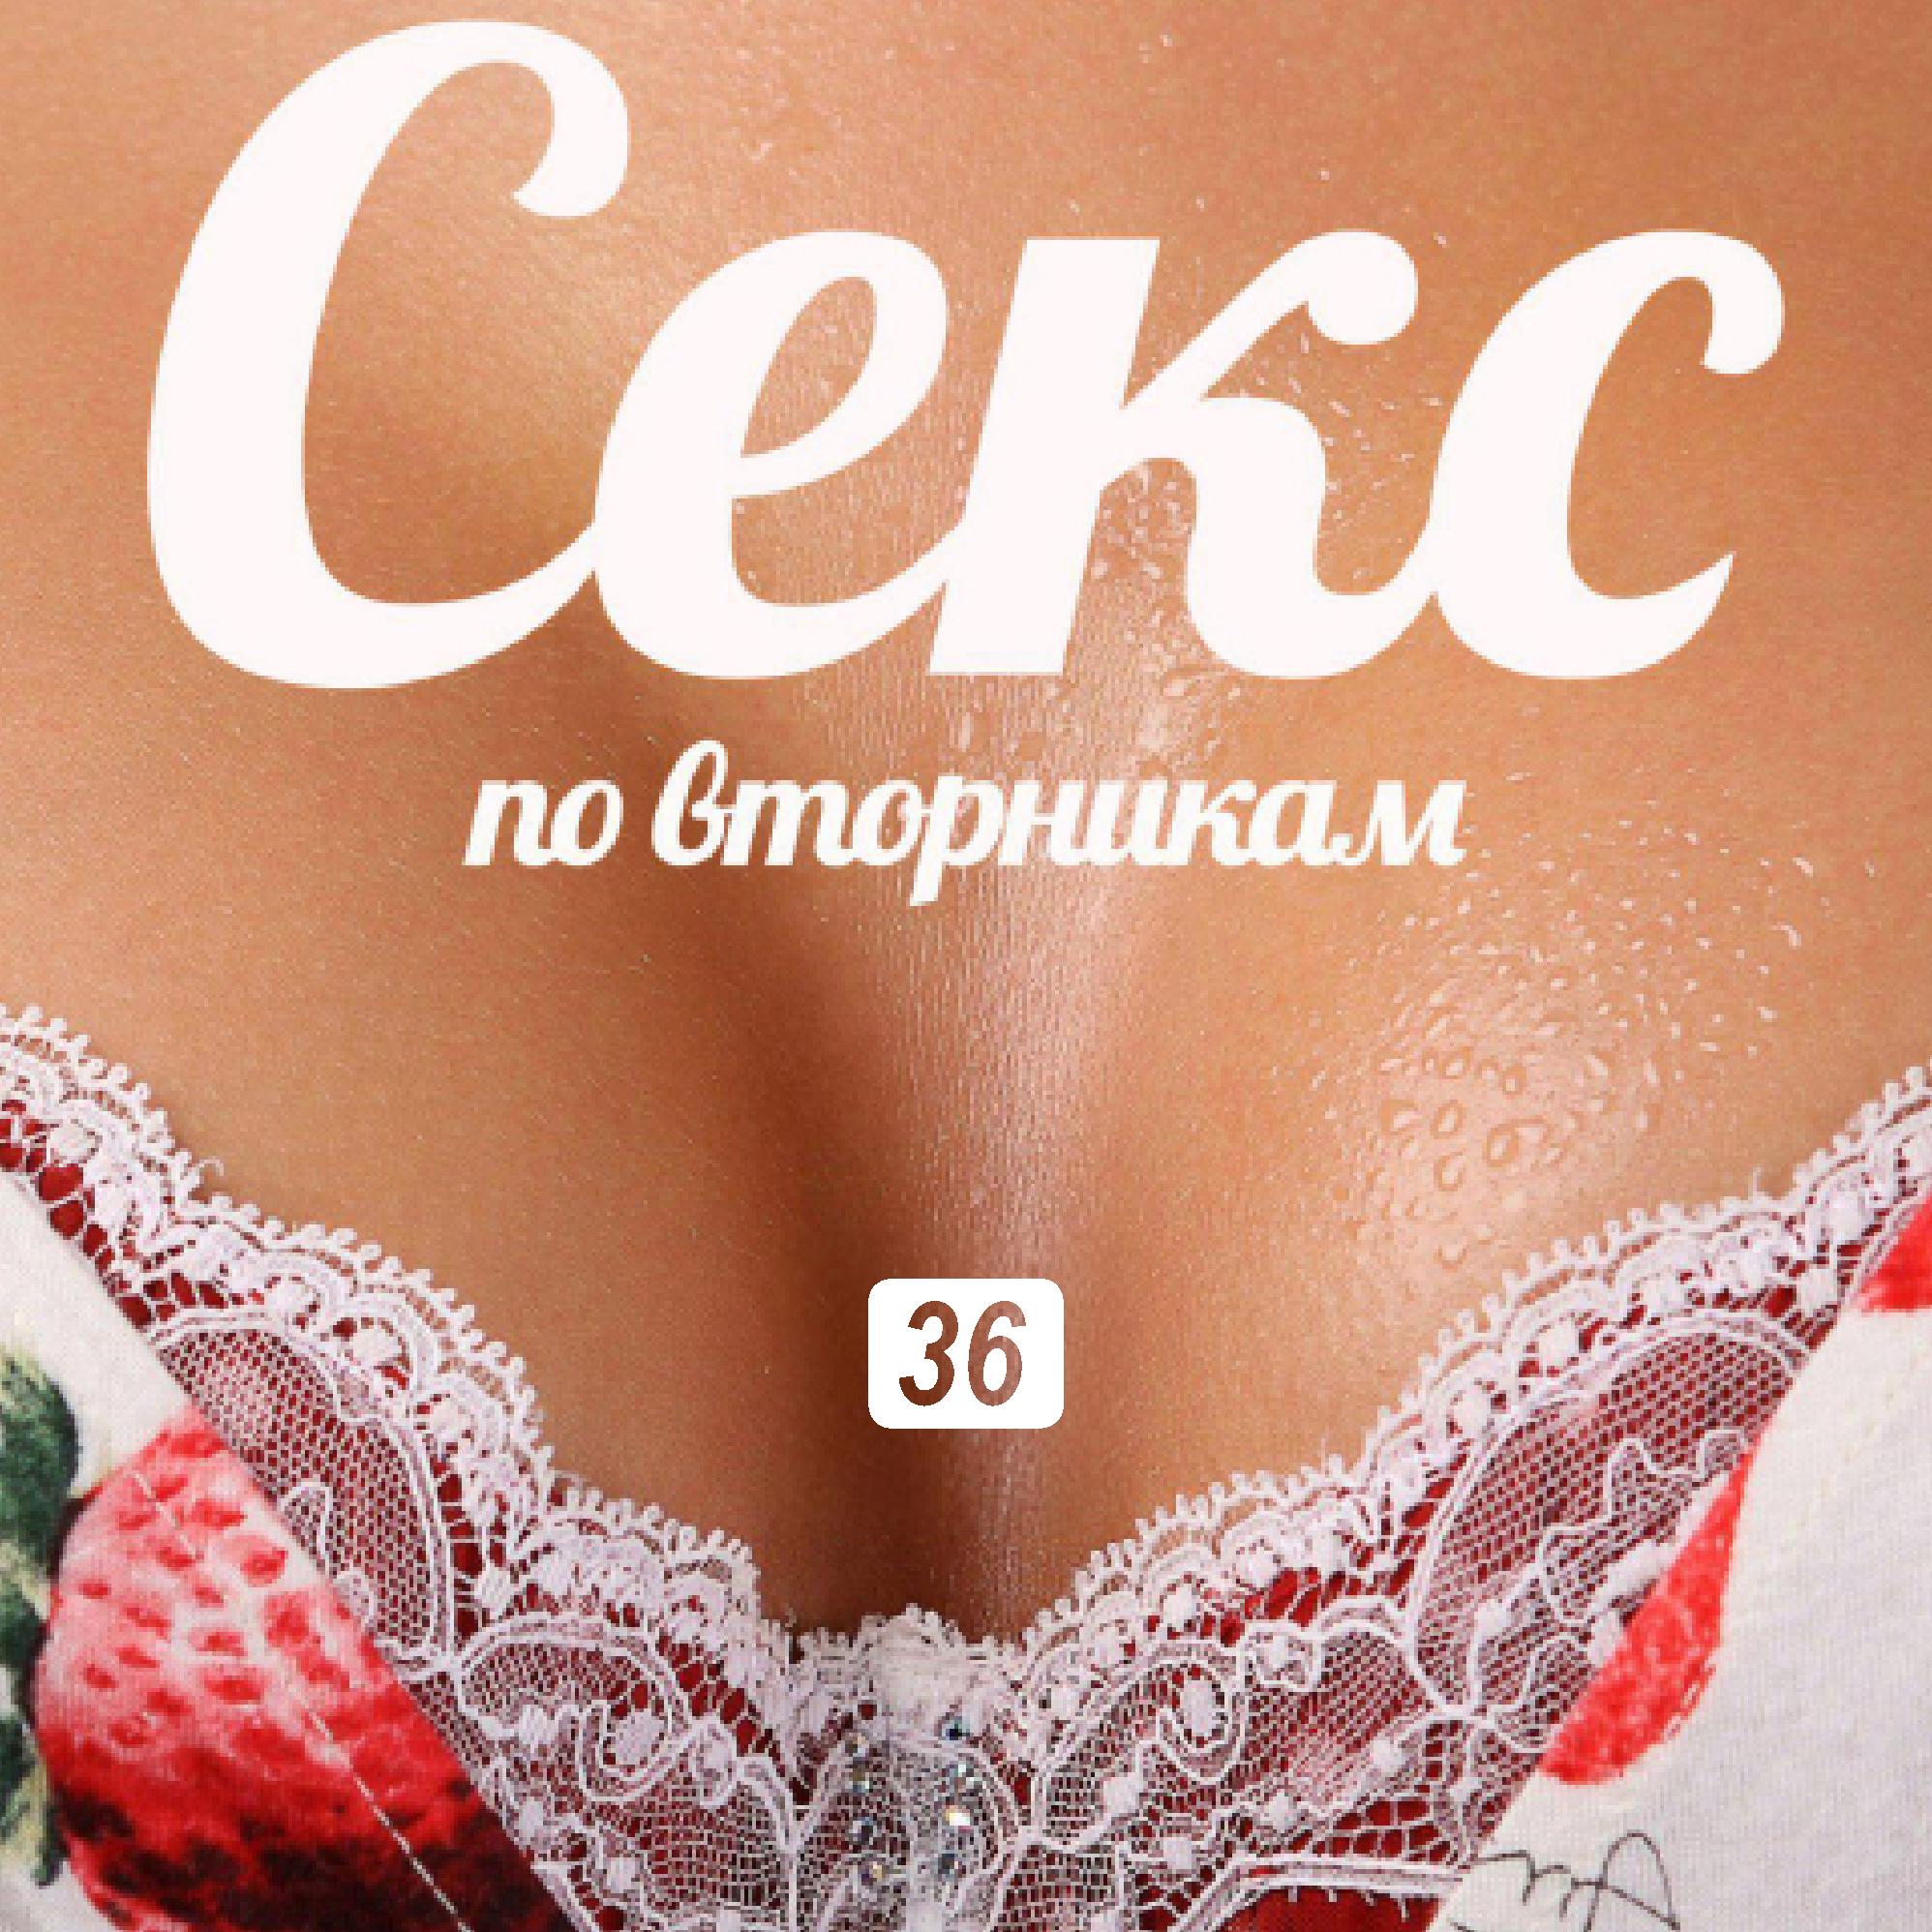 Ольга Маркина Чего хочет мужчина выясняет программа «Секс повторникам» секс по веб камере смотреть